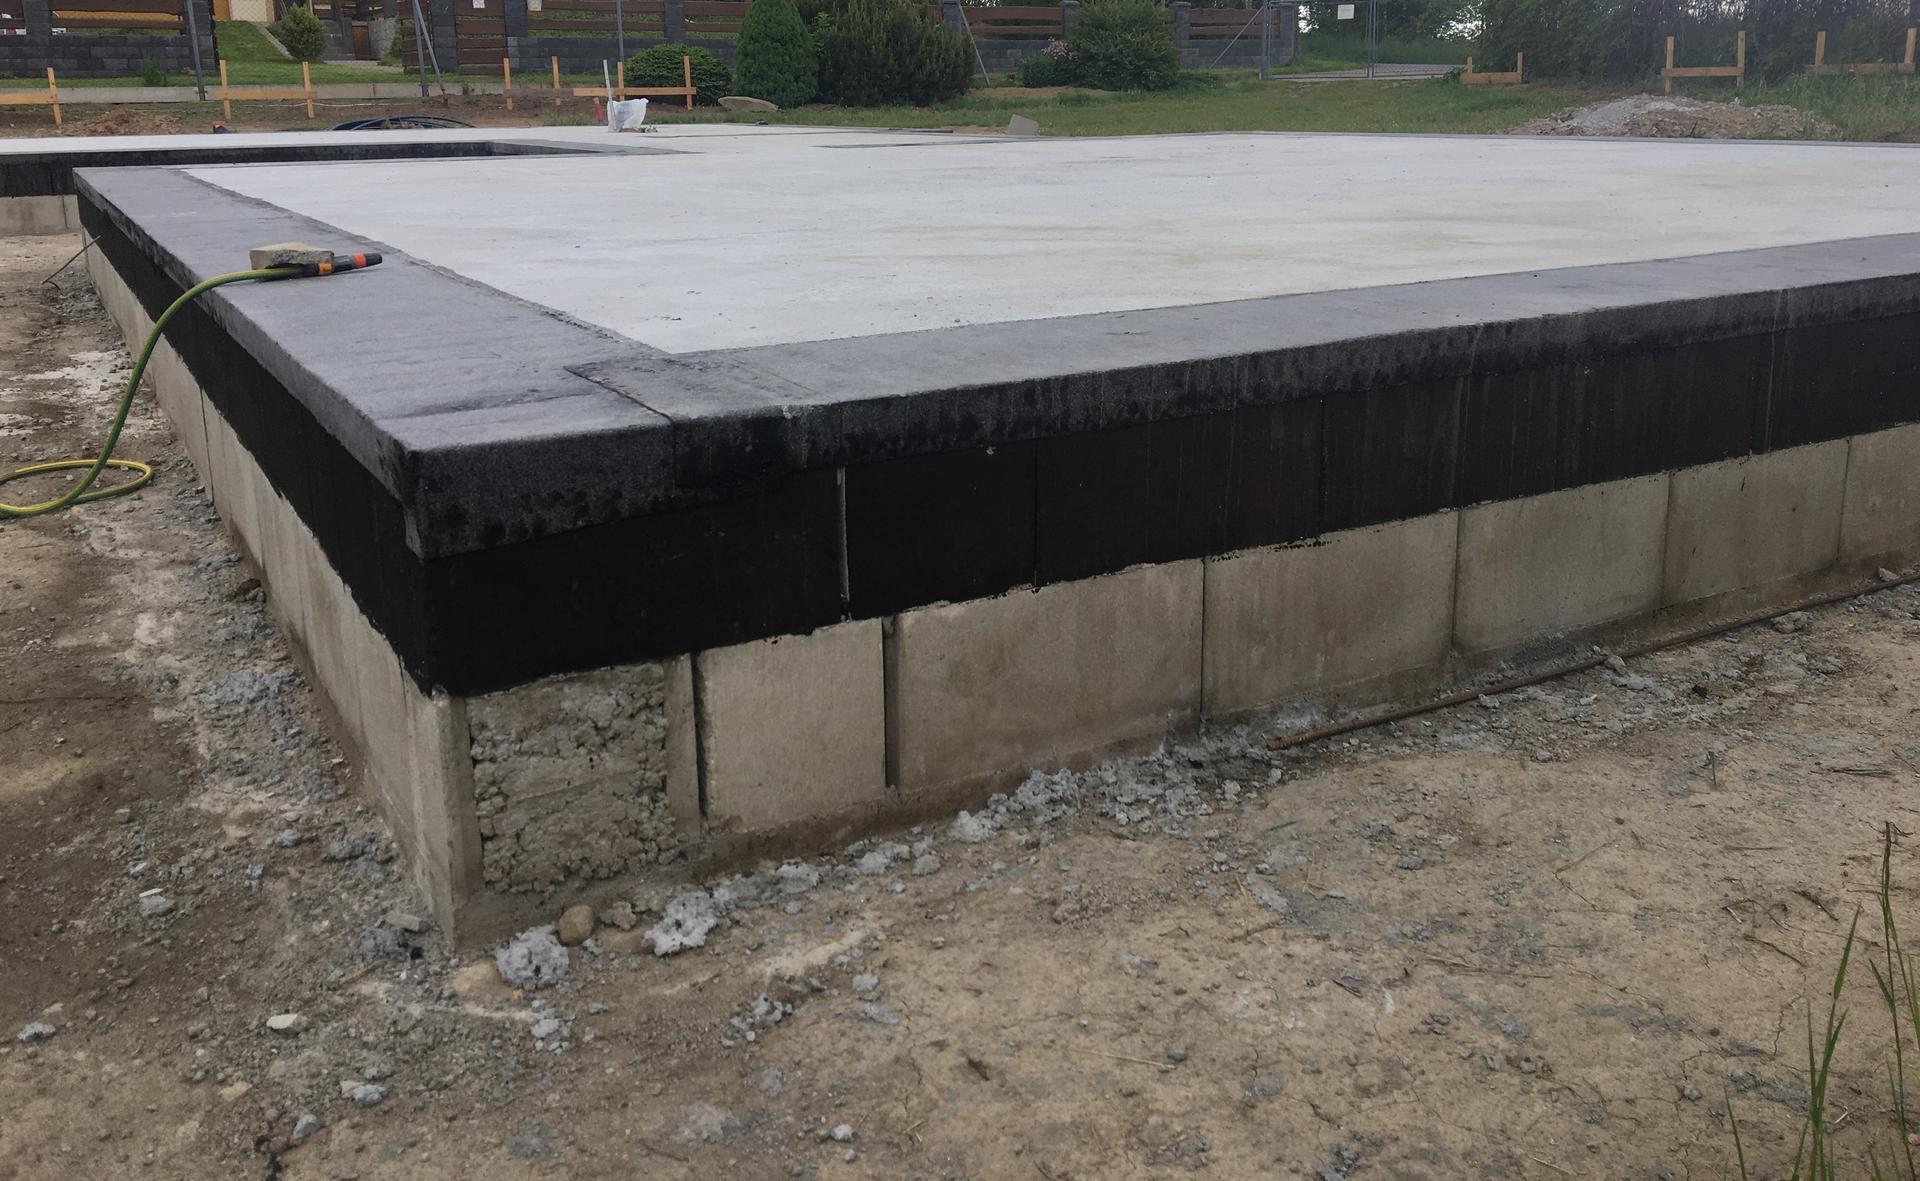 Dům do L - stavba 2020/2021 - 18.5.2020 Položená hydroizolace pod obvodové zdivo